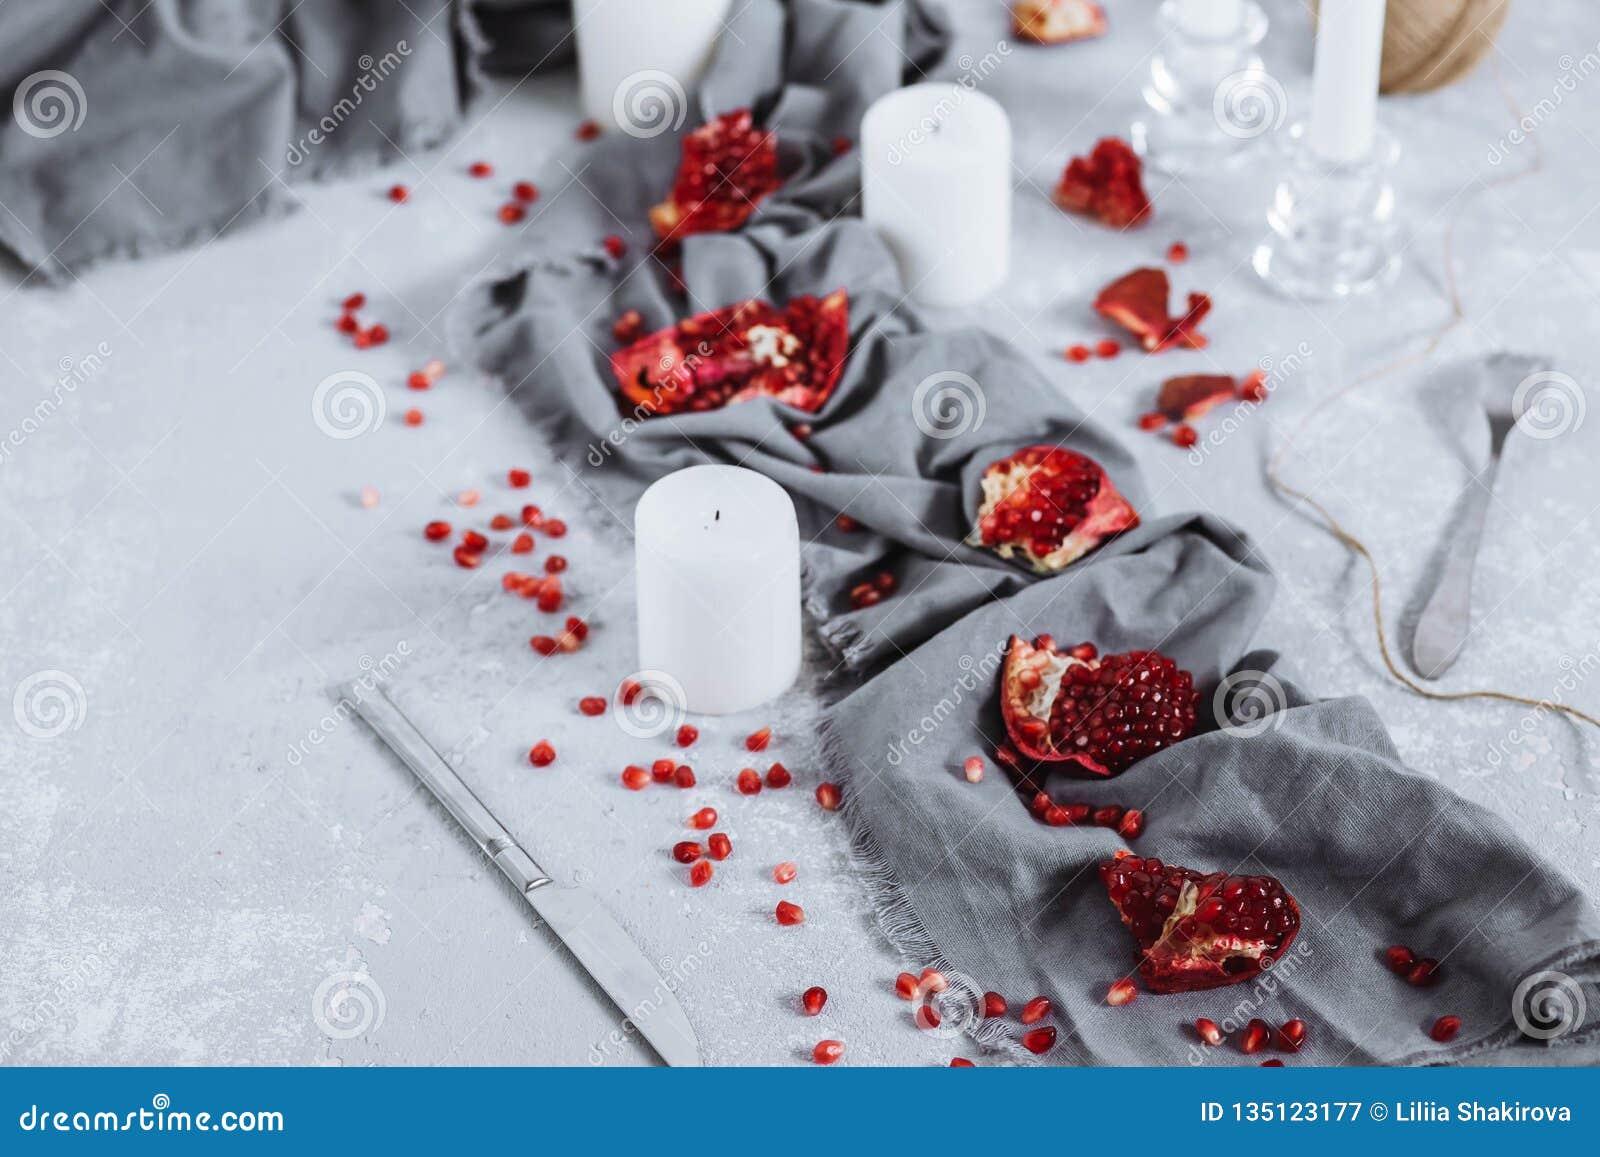 Prachtig verfraaide lijst met stukken rode granaatappel, handdoeken en kaarsen Voedselfoto met fruit